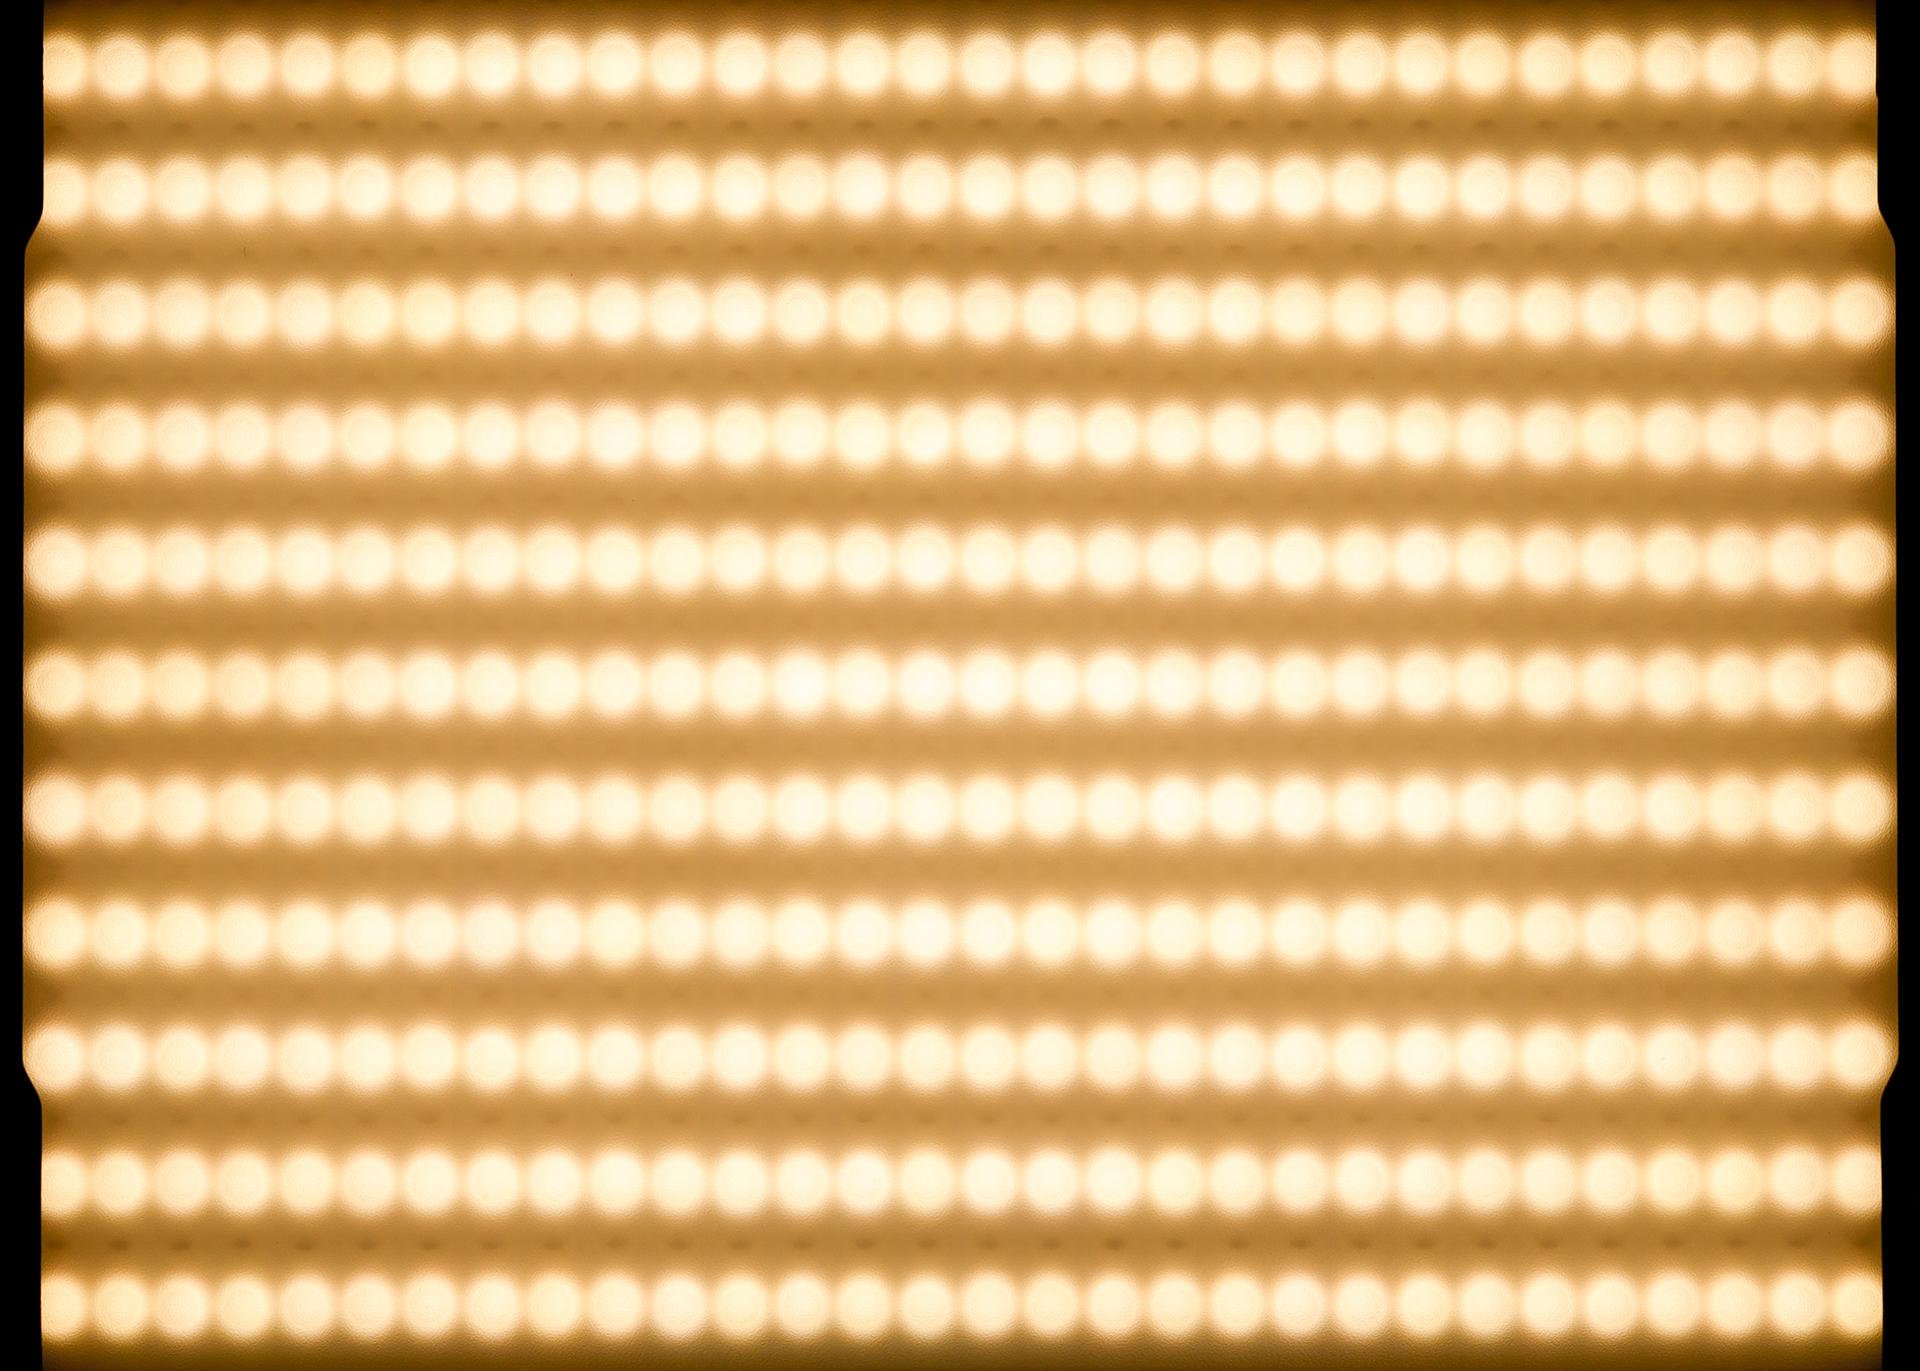 f:id:pepeprism:20200819001226j:plain